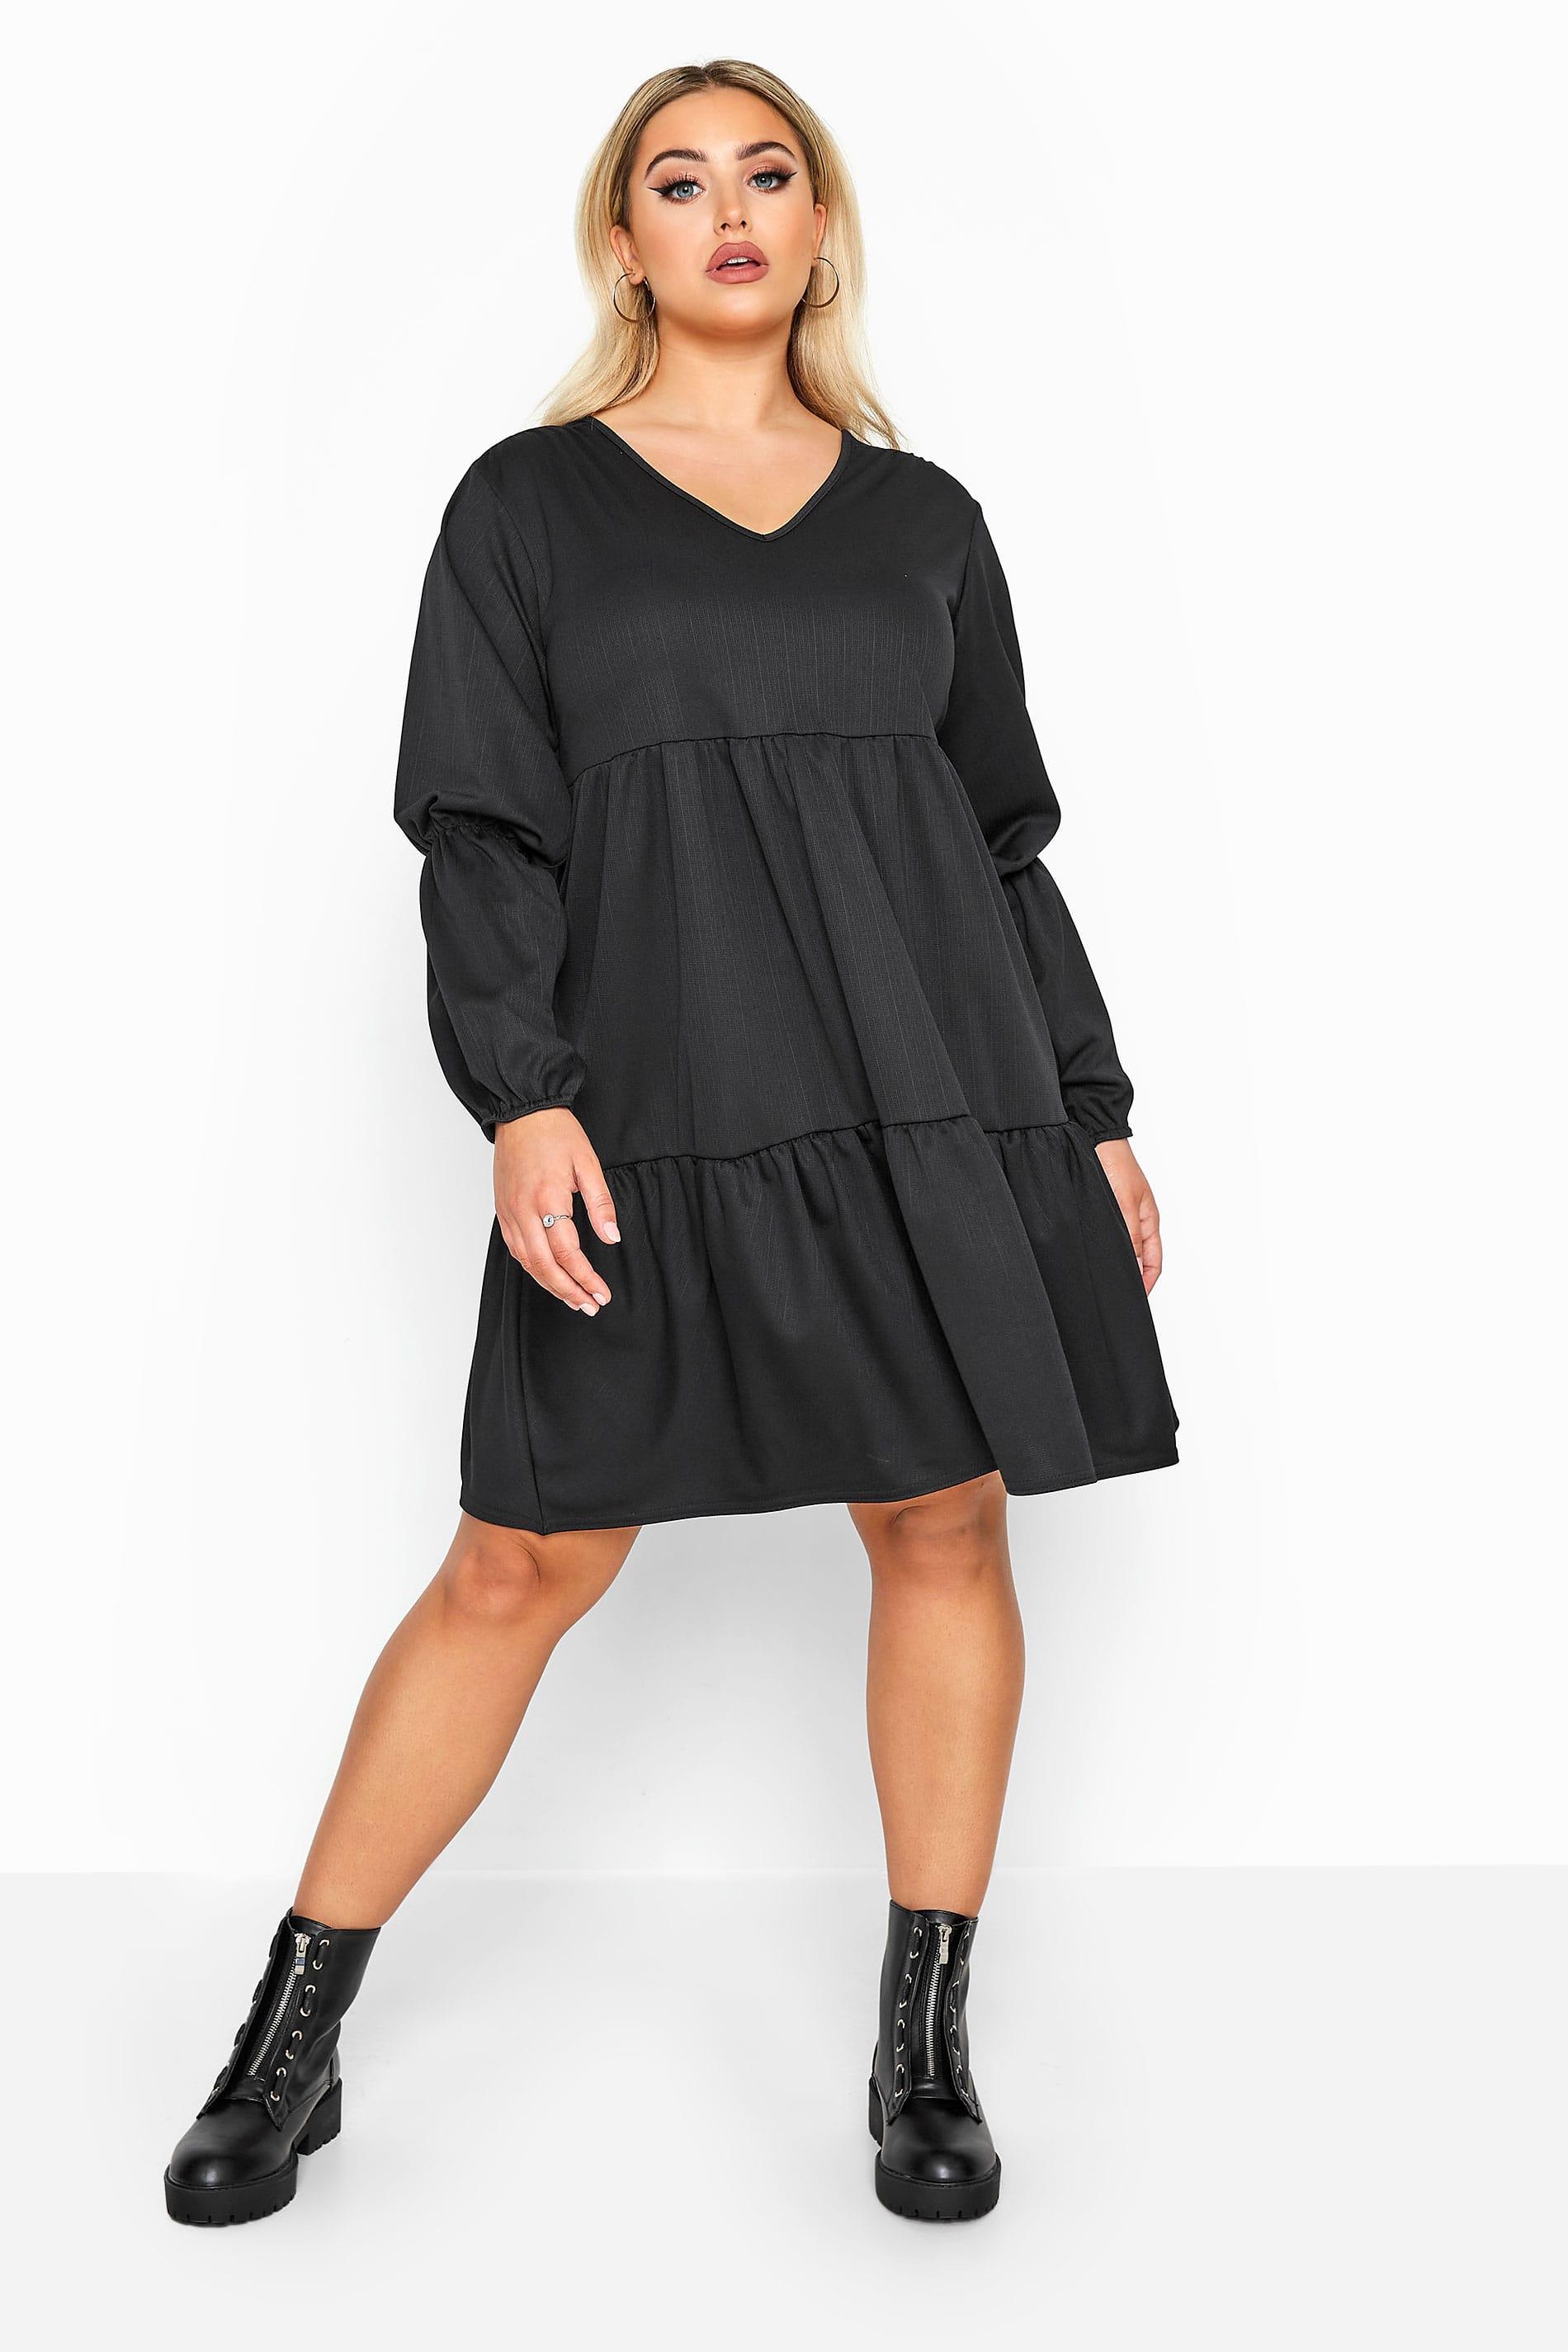 LIMITED COLLECTION - Aangerimpelde jurk met lange mouwen in zwart